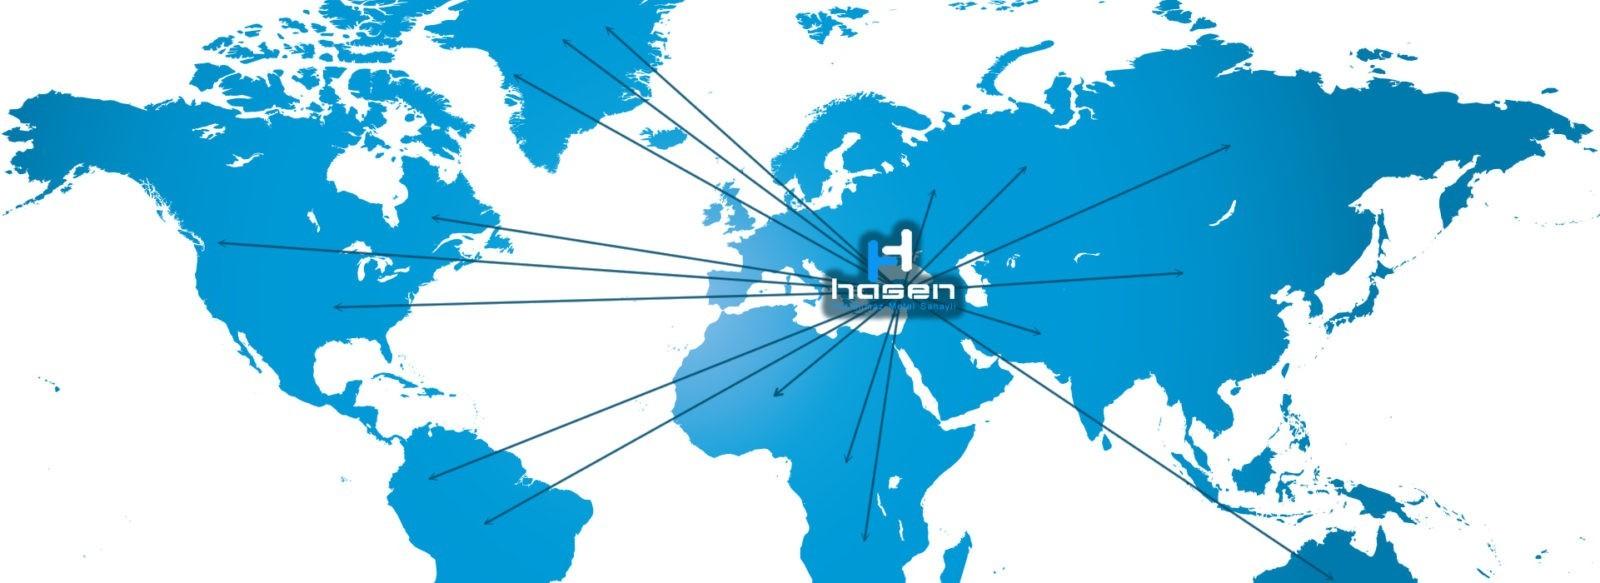 Dünya'nın tüm ülkelerine ihracat